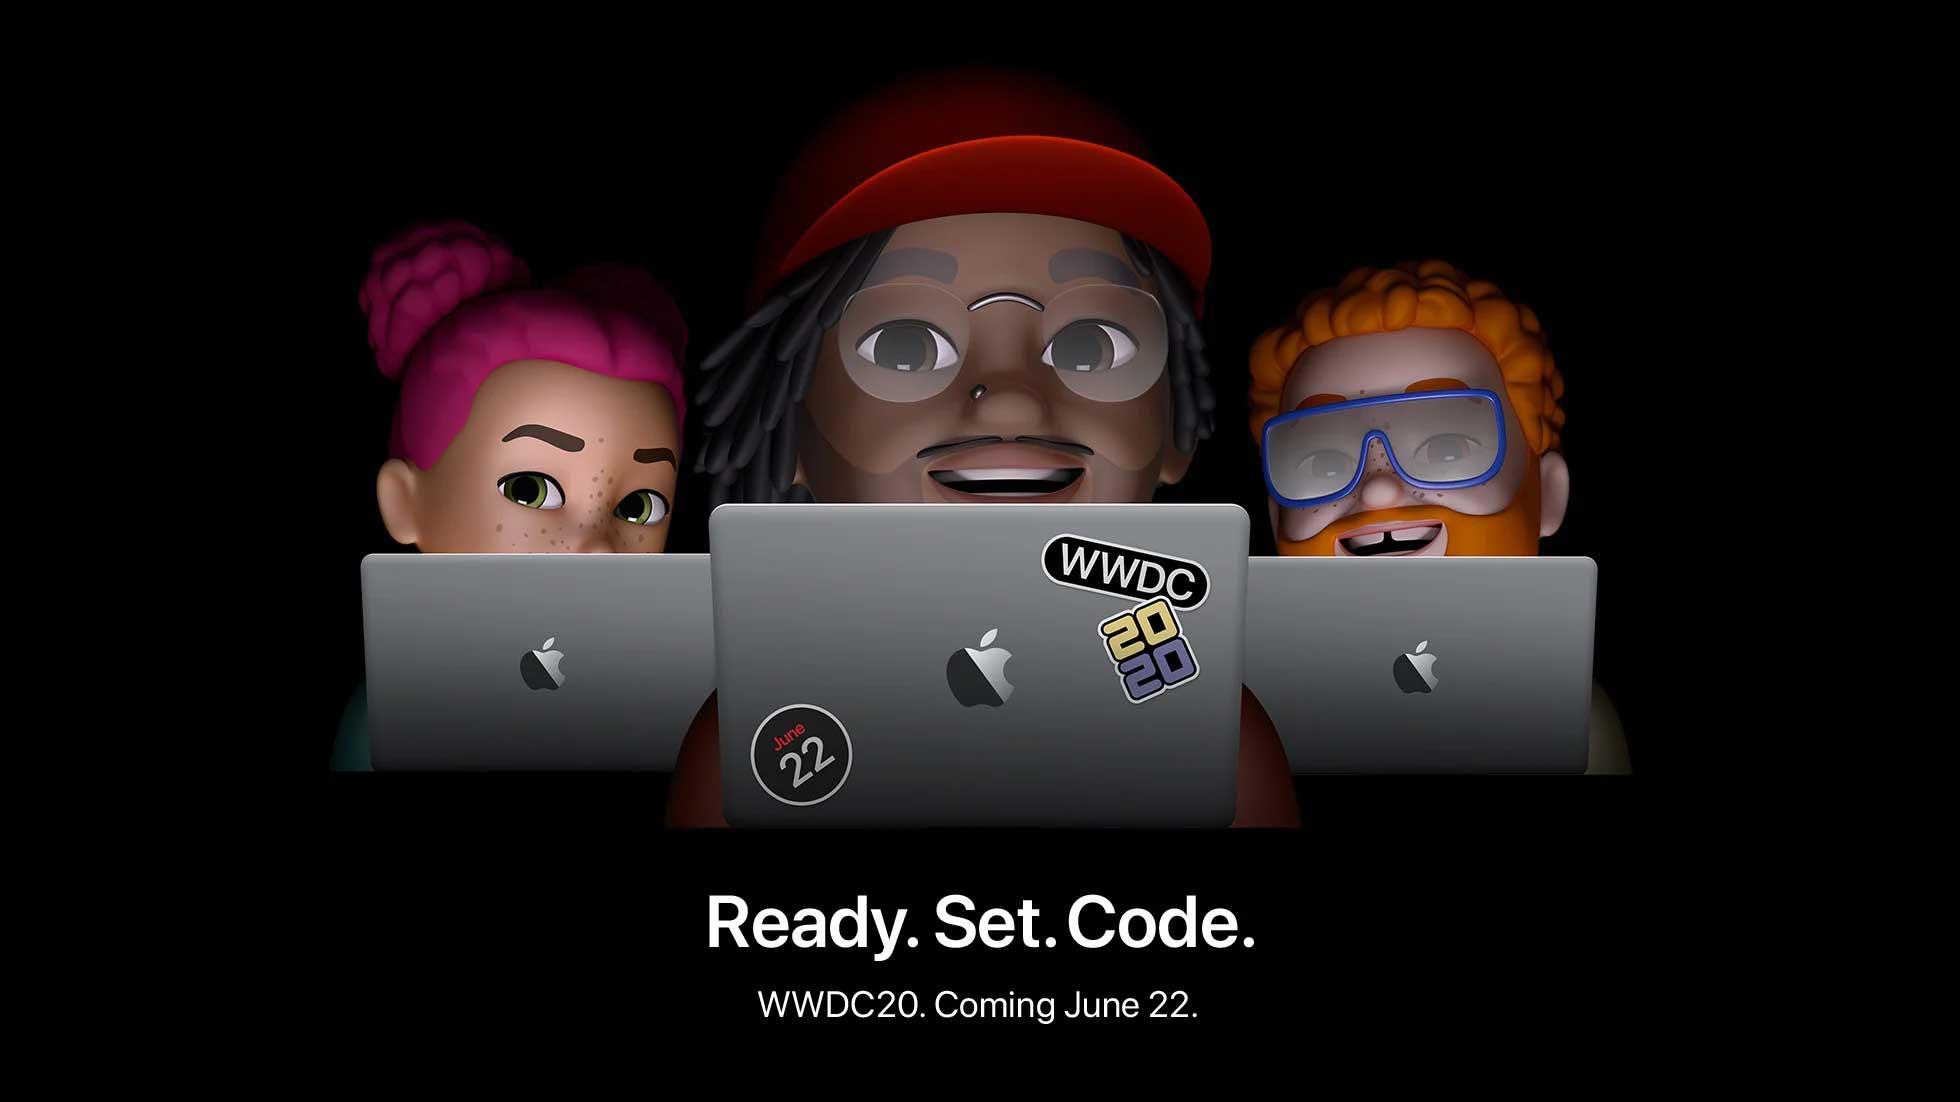 کنفرانس توسعه دهندگان اپل WWDC 2020 تاریخ ۲ تیرماه ۹۹ و به صورت مجازی برگزار می شود